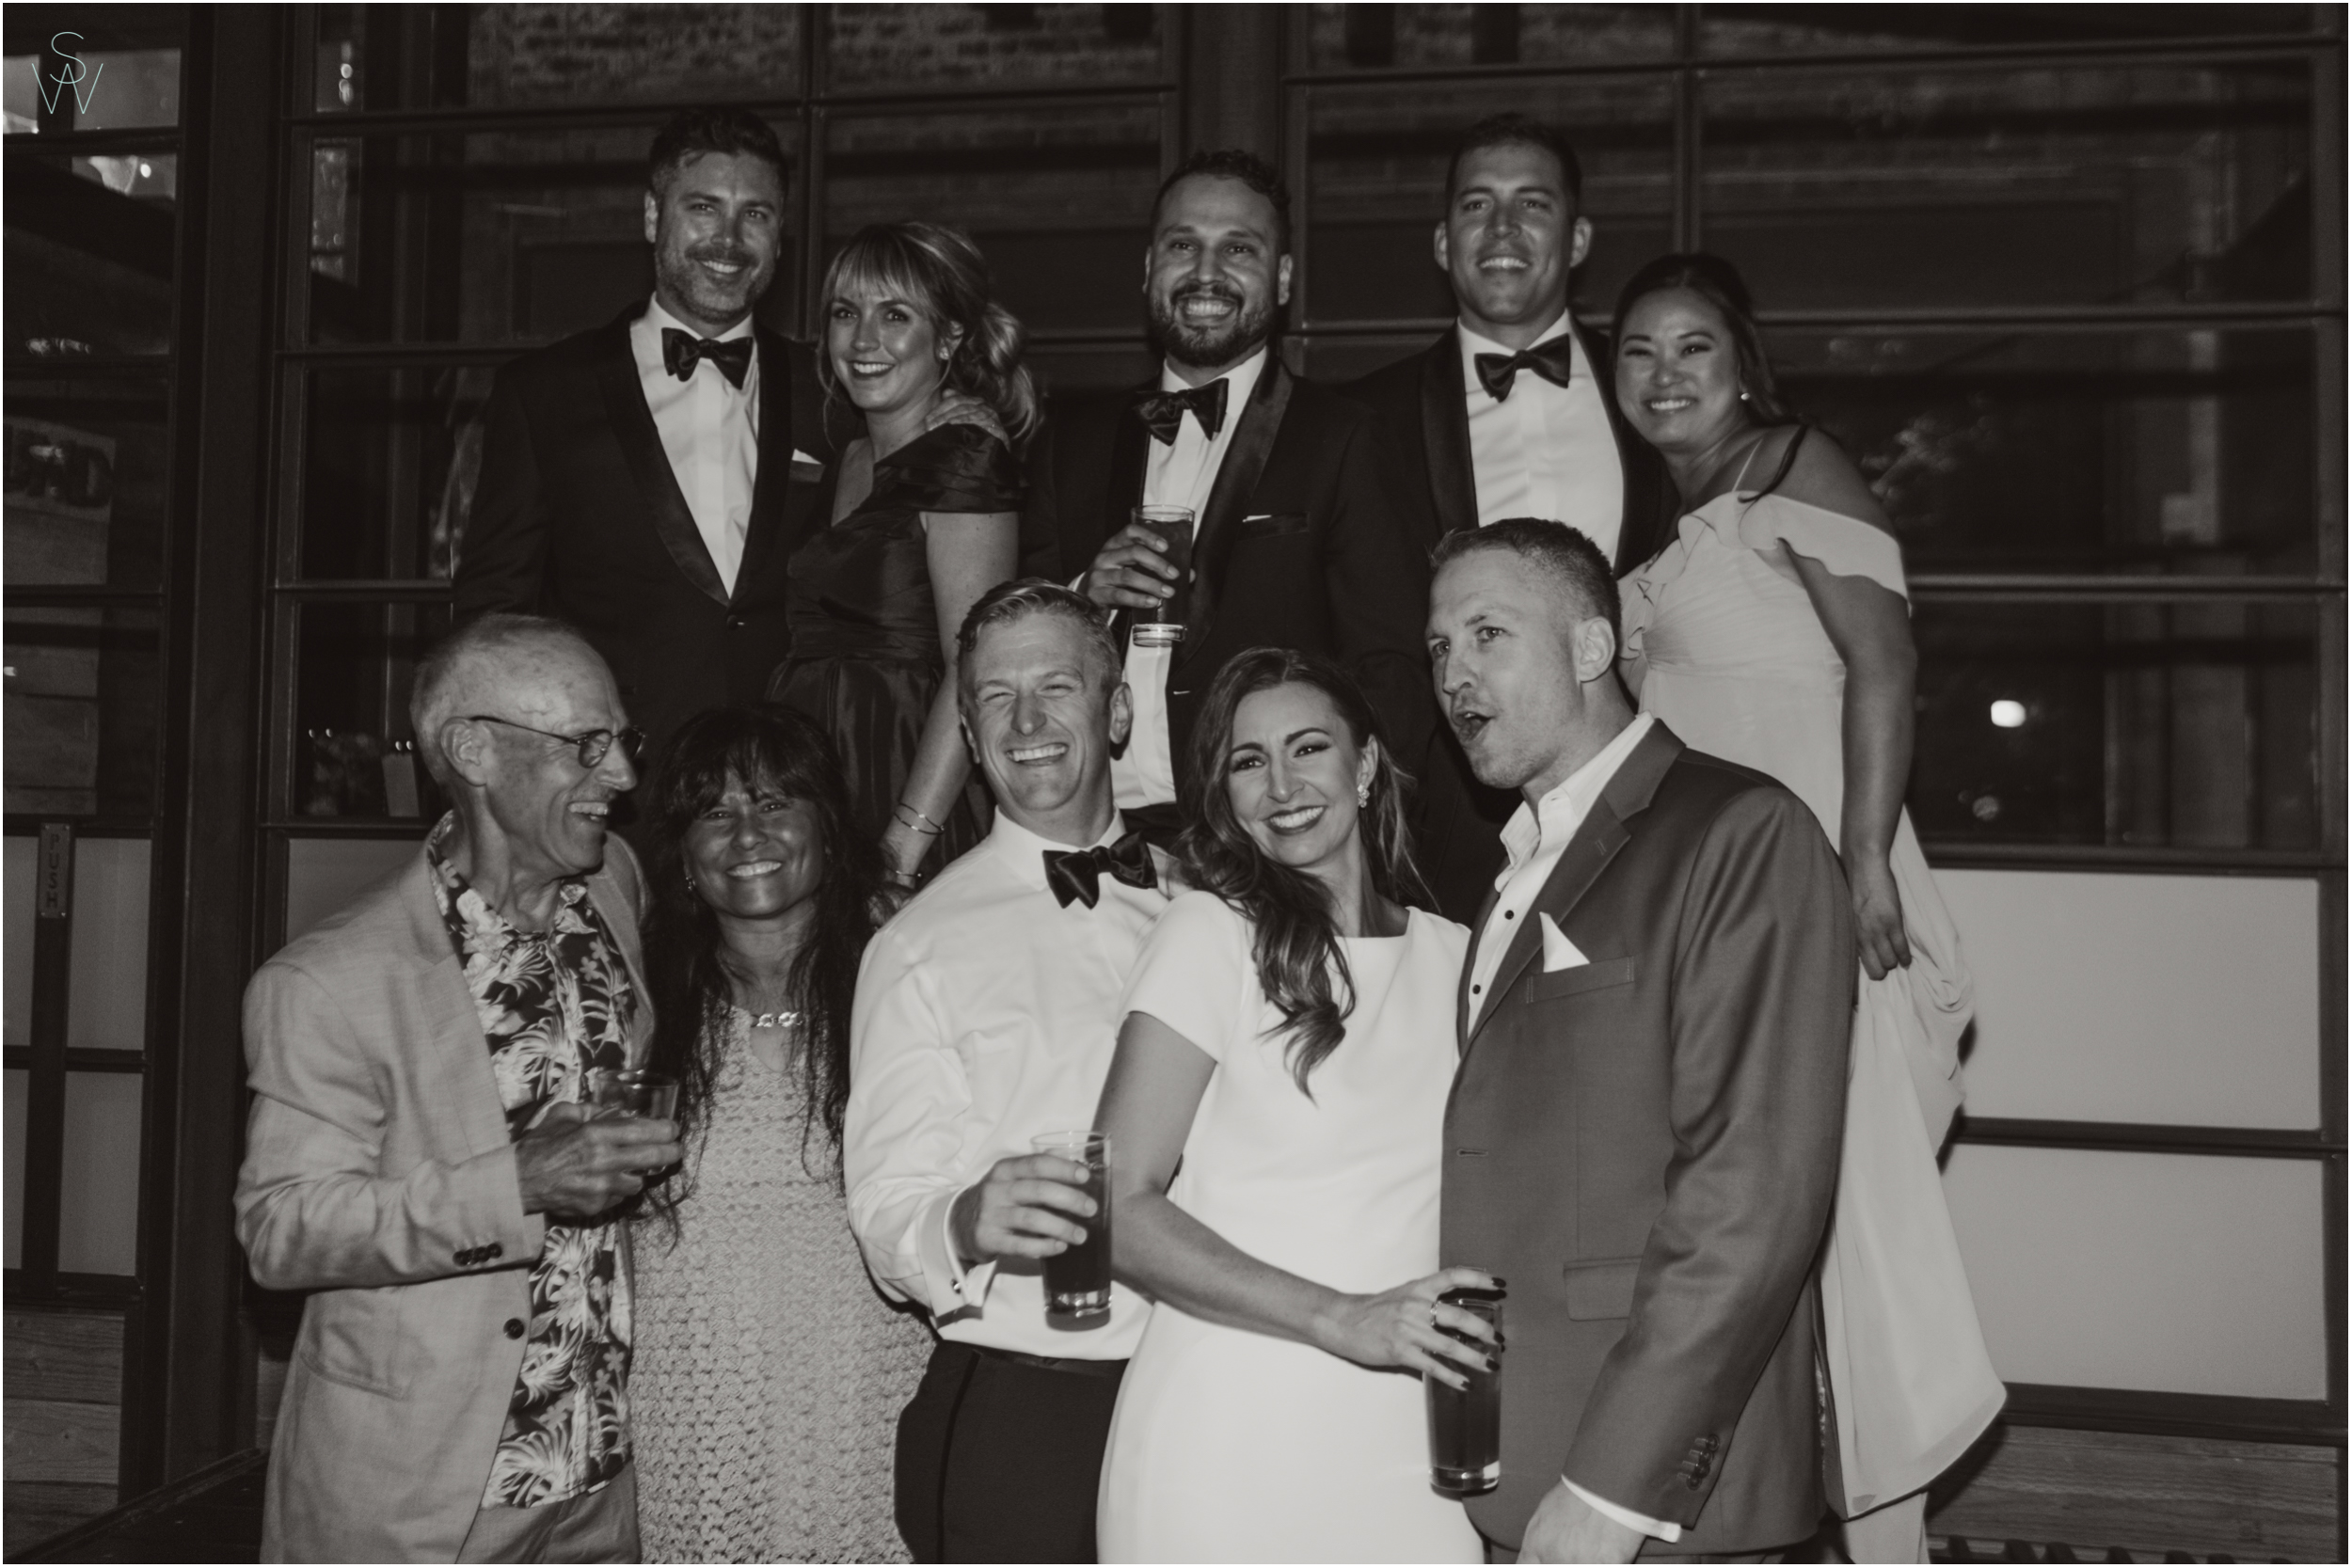 191THE.UNDERGROUND.ELEPHANT.wedding.photography.shewanders.JPG